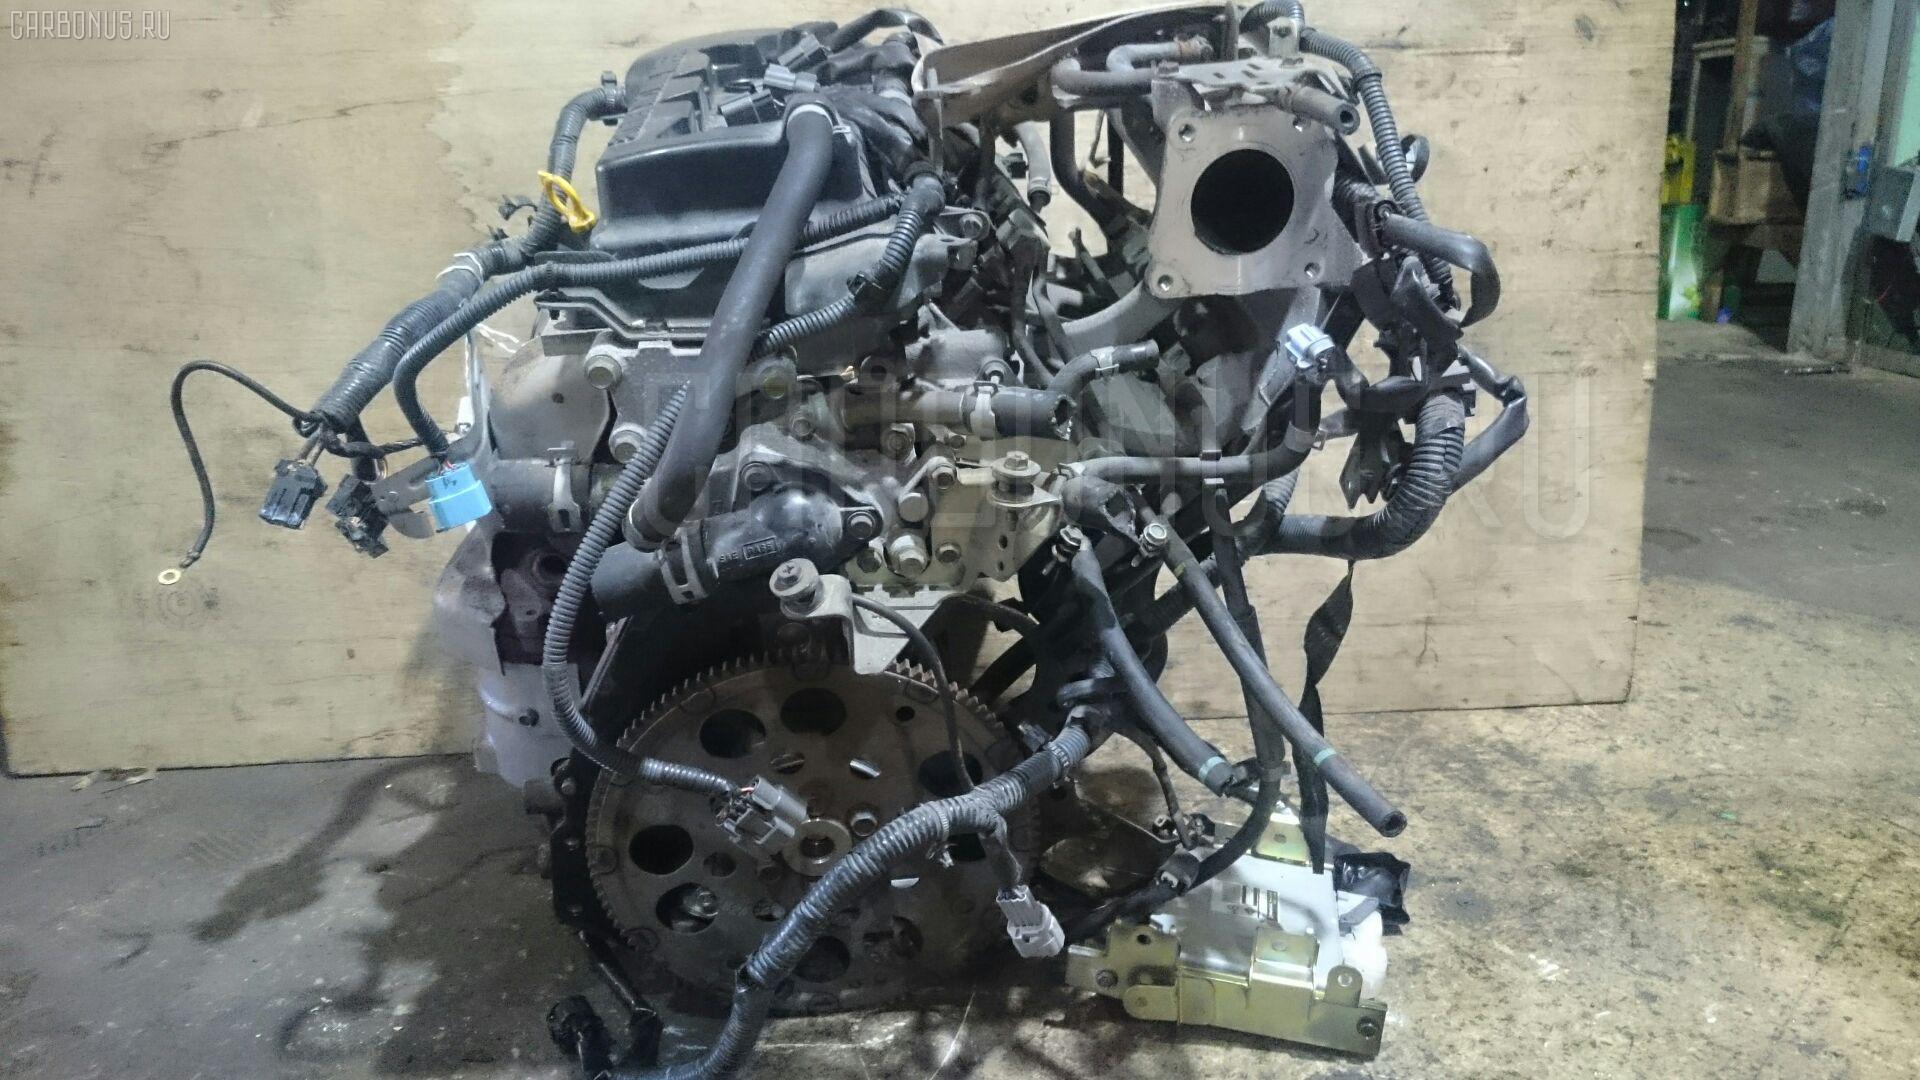 Схема двигателя qg18de описание